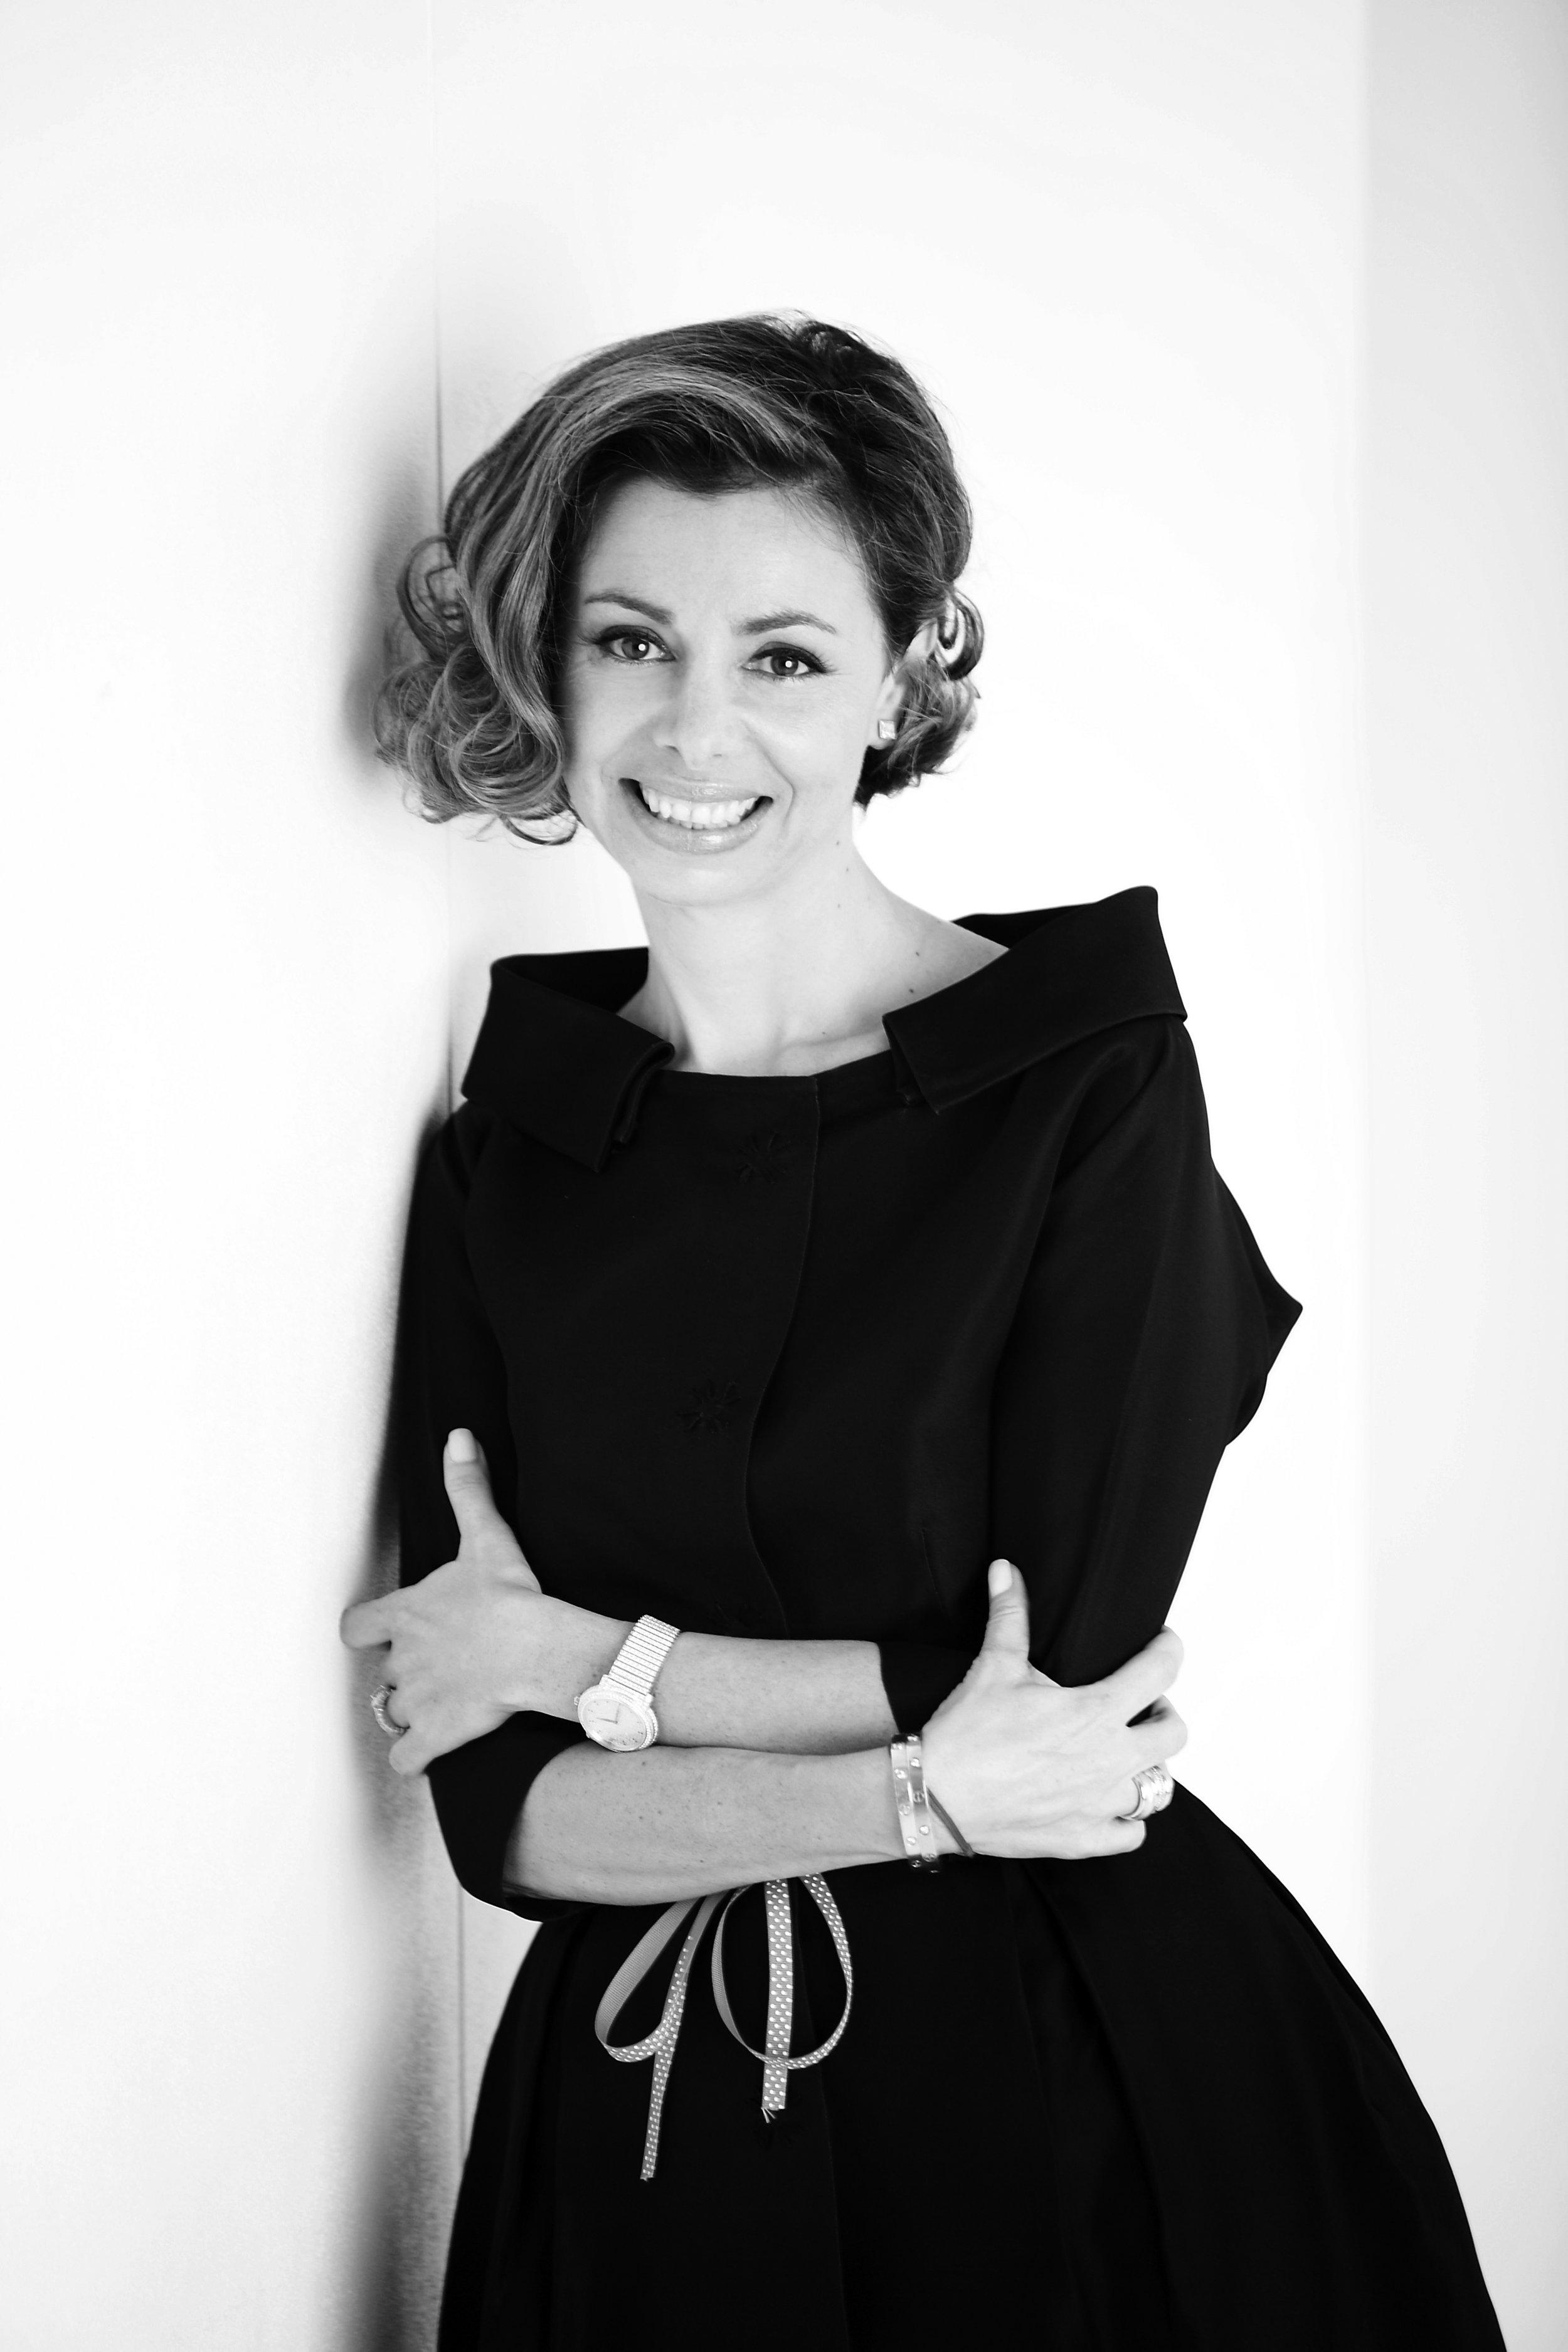 Olga Iserlis, Founder/CEO of Adagio Events